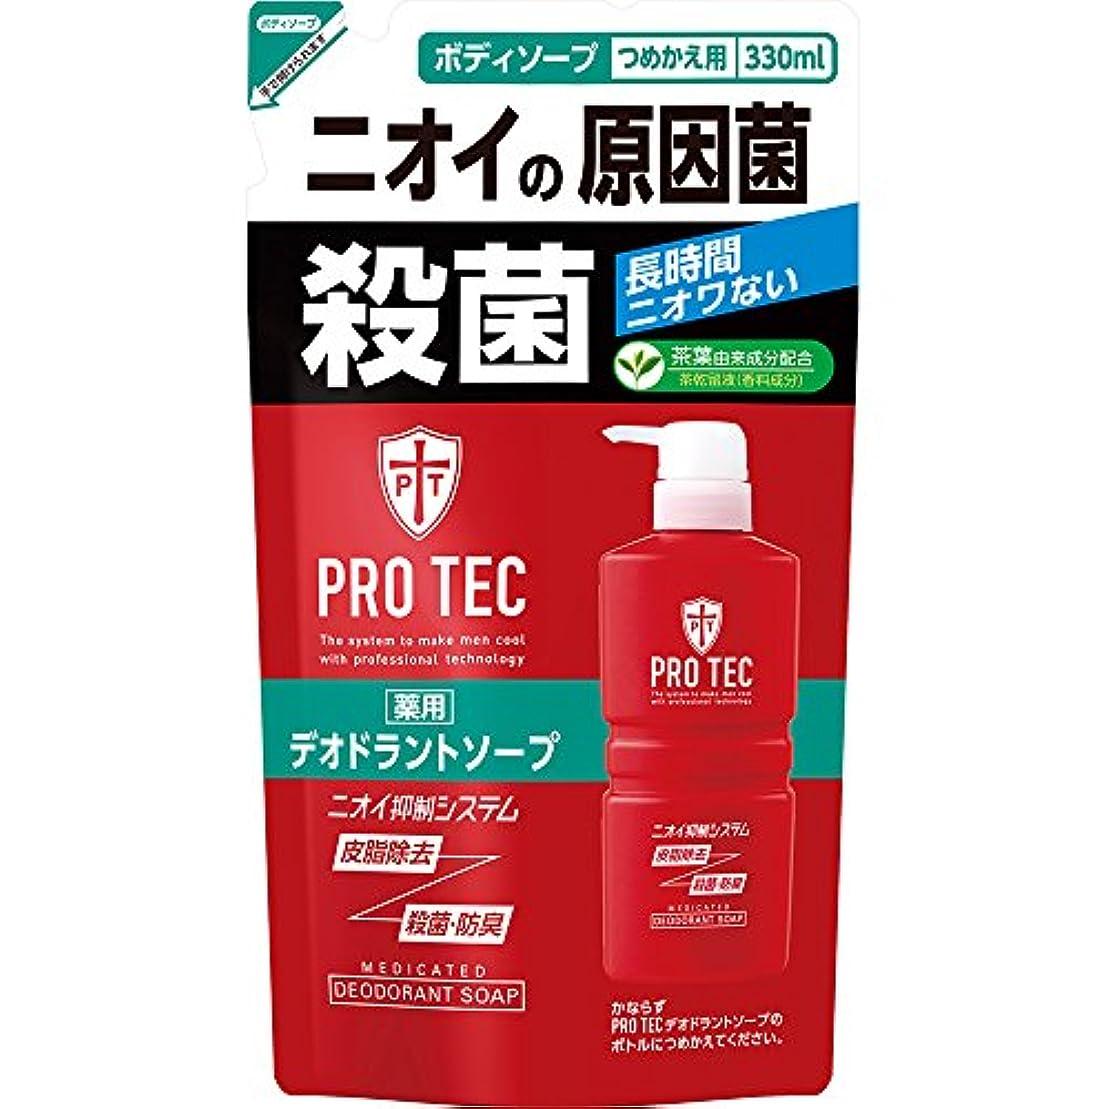 谷誤解を招く曲げるPRO TEC(プロテク) デオドラントソープ 詰め替え 330ml(医薬部外品)